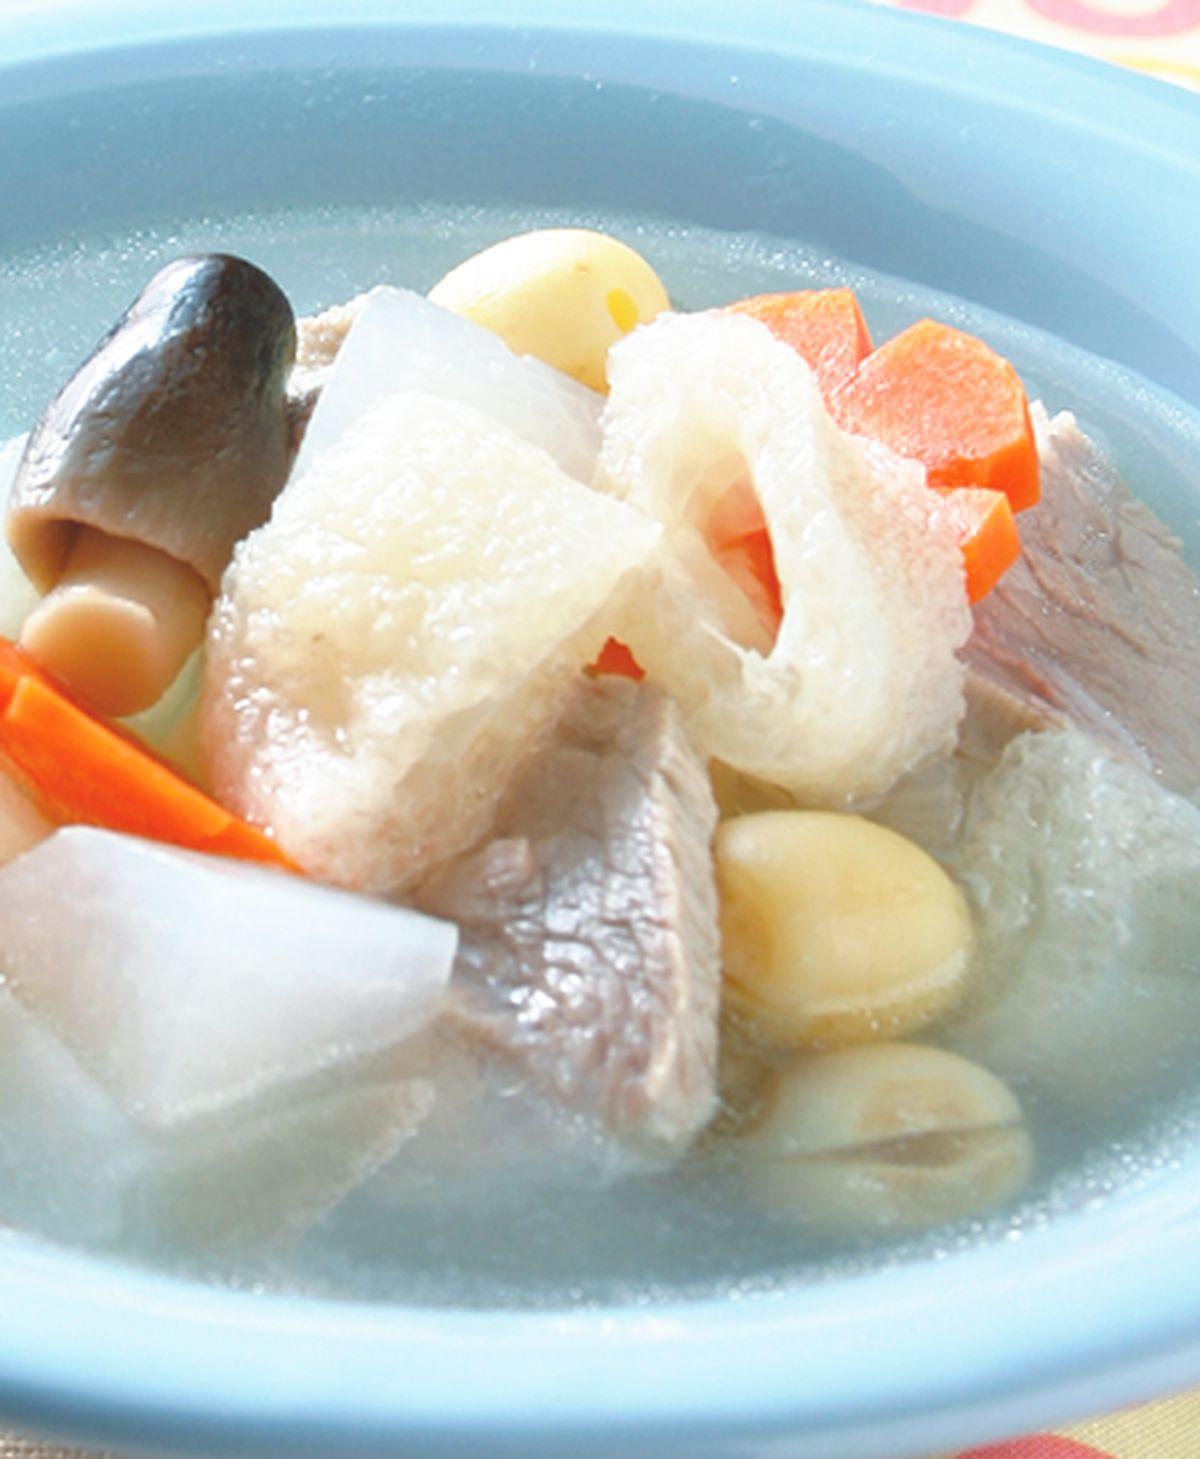 食譜:蘿蔔竹笙湯